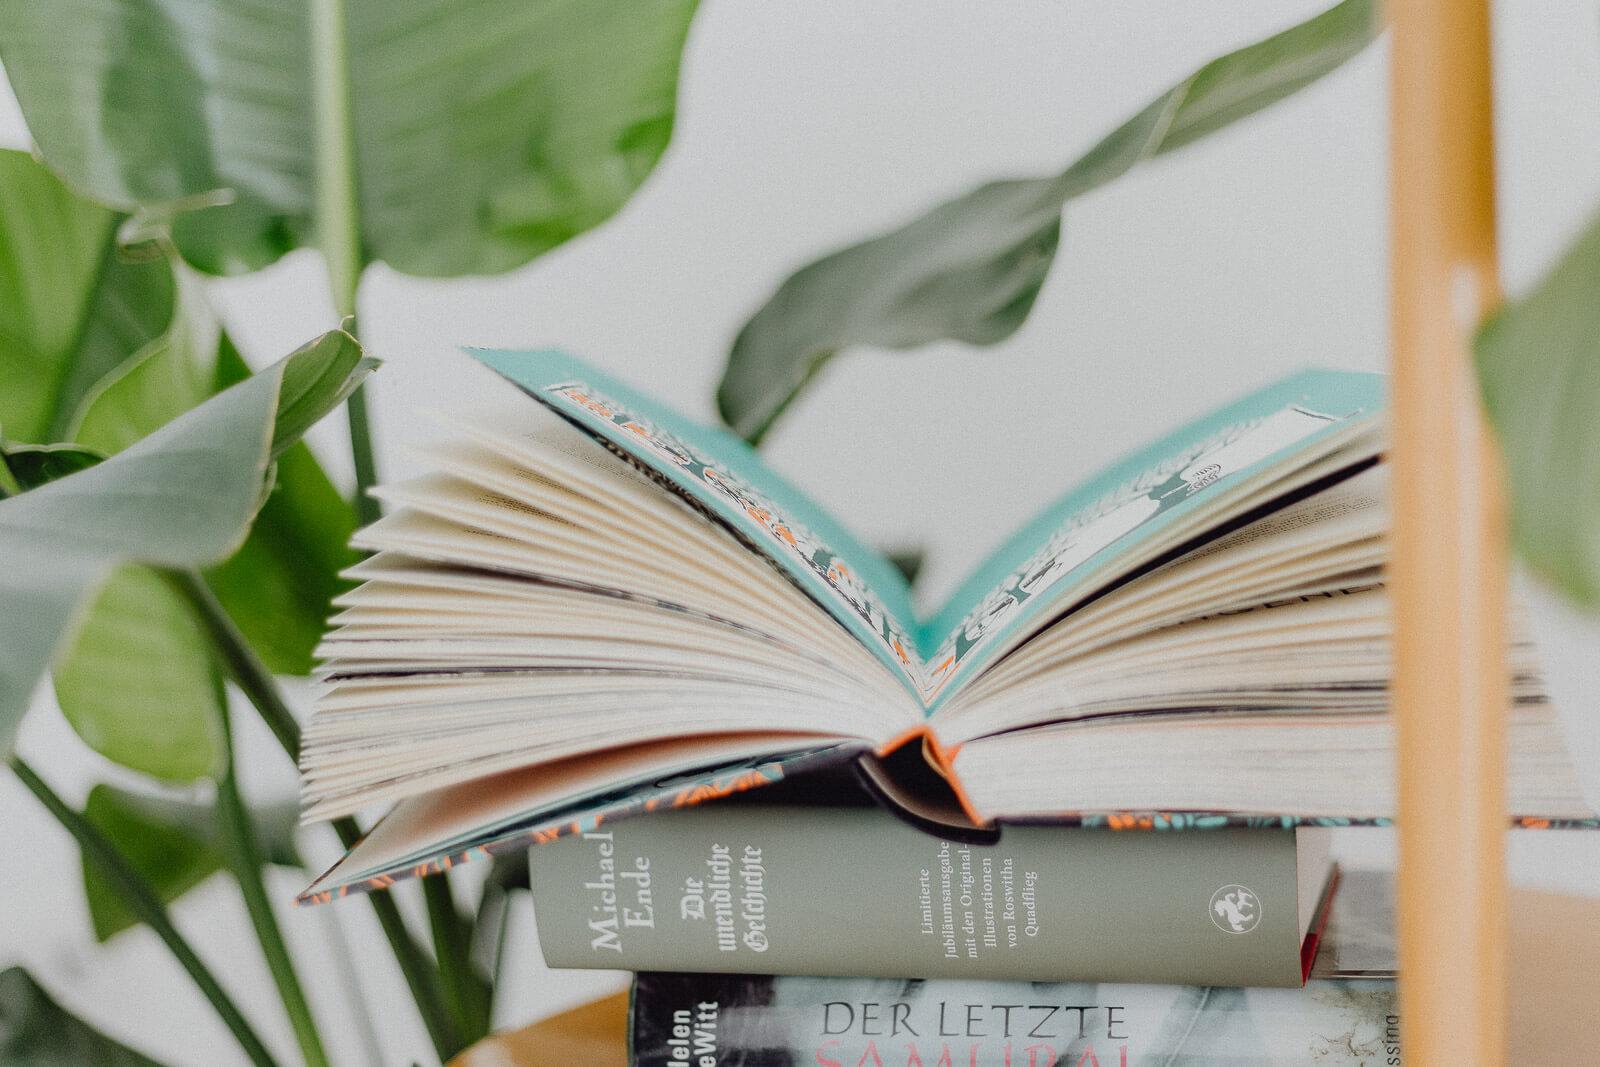 Bücherliste, Leseliste, Buchempfehlung, Lesen, Lese-Empfehlungen, Leseninspiration, Buchblogger, Bücher für den Sommer, Sommerlektüre, Sommerbücher, Sommerleseliste, Sommer Lesen Bücher, Bücher vegan, Bücher Klima, Bücher Nachhaltigkeit, Bücher Gesellschaft, Bücherliste